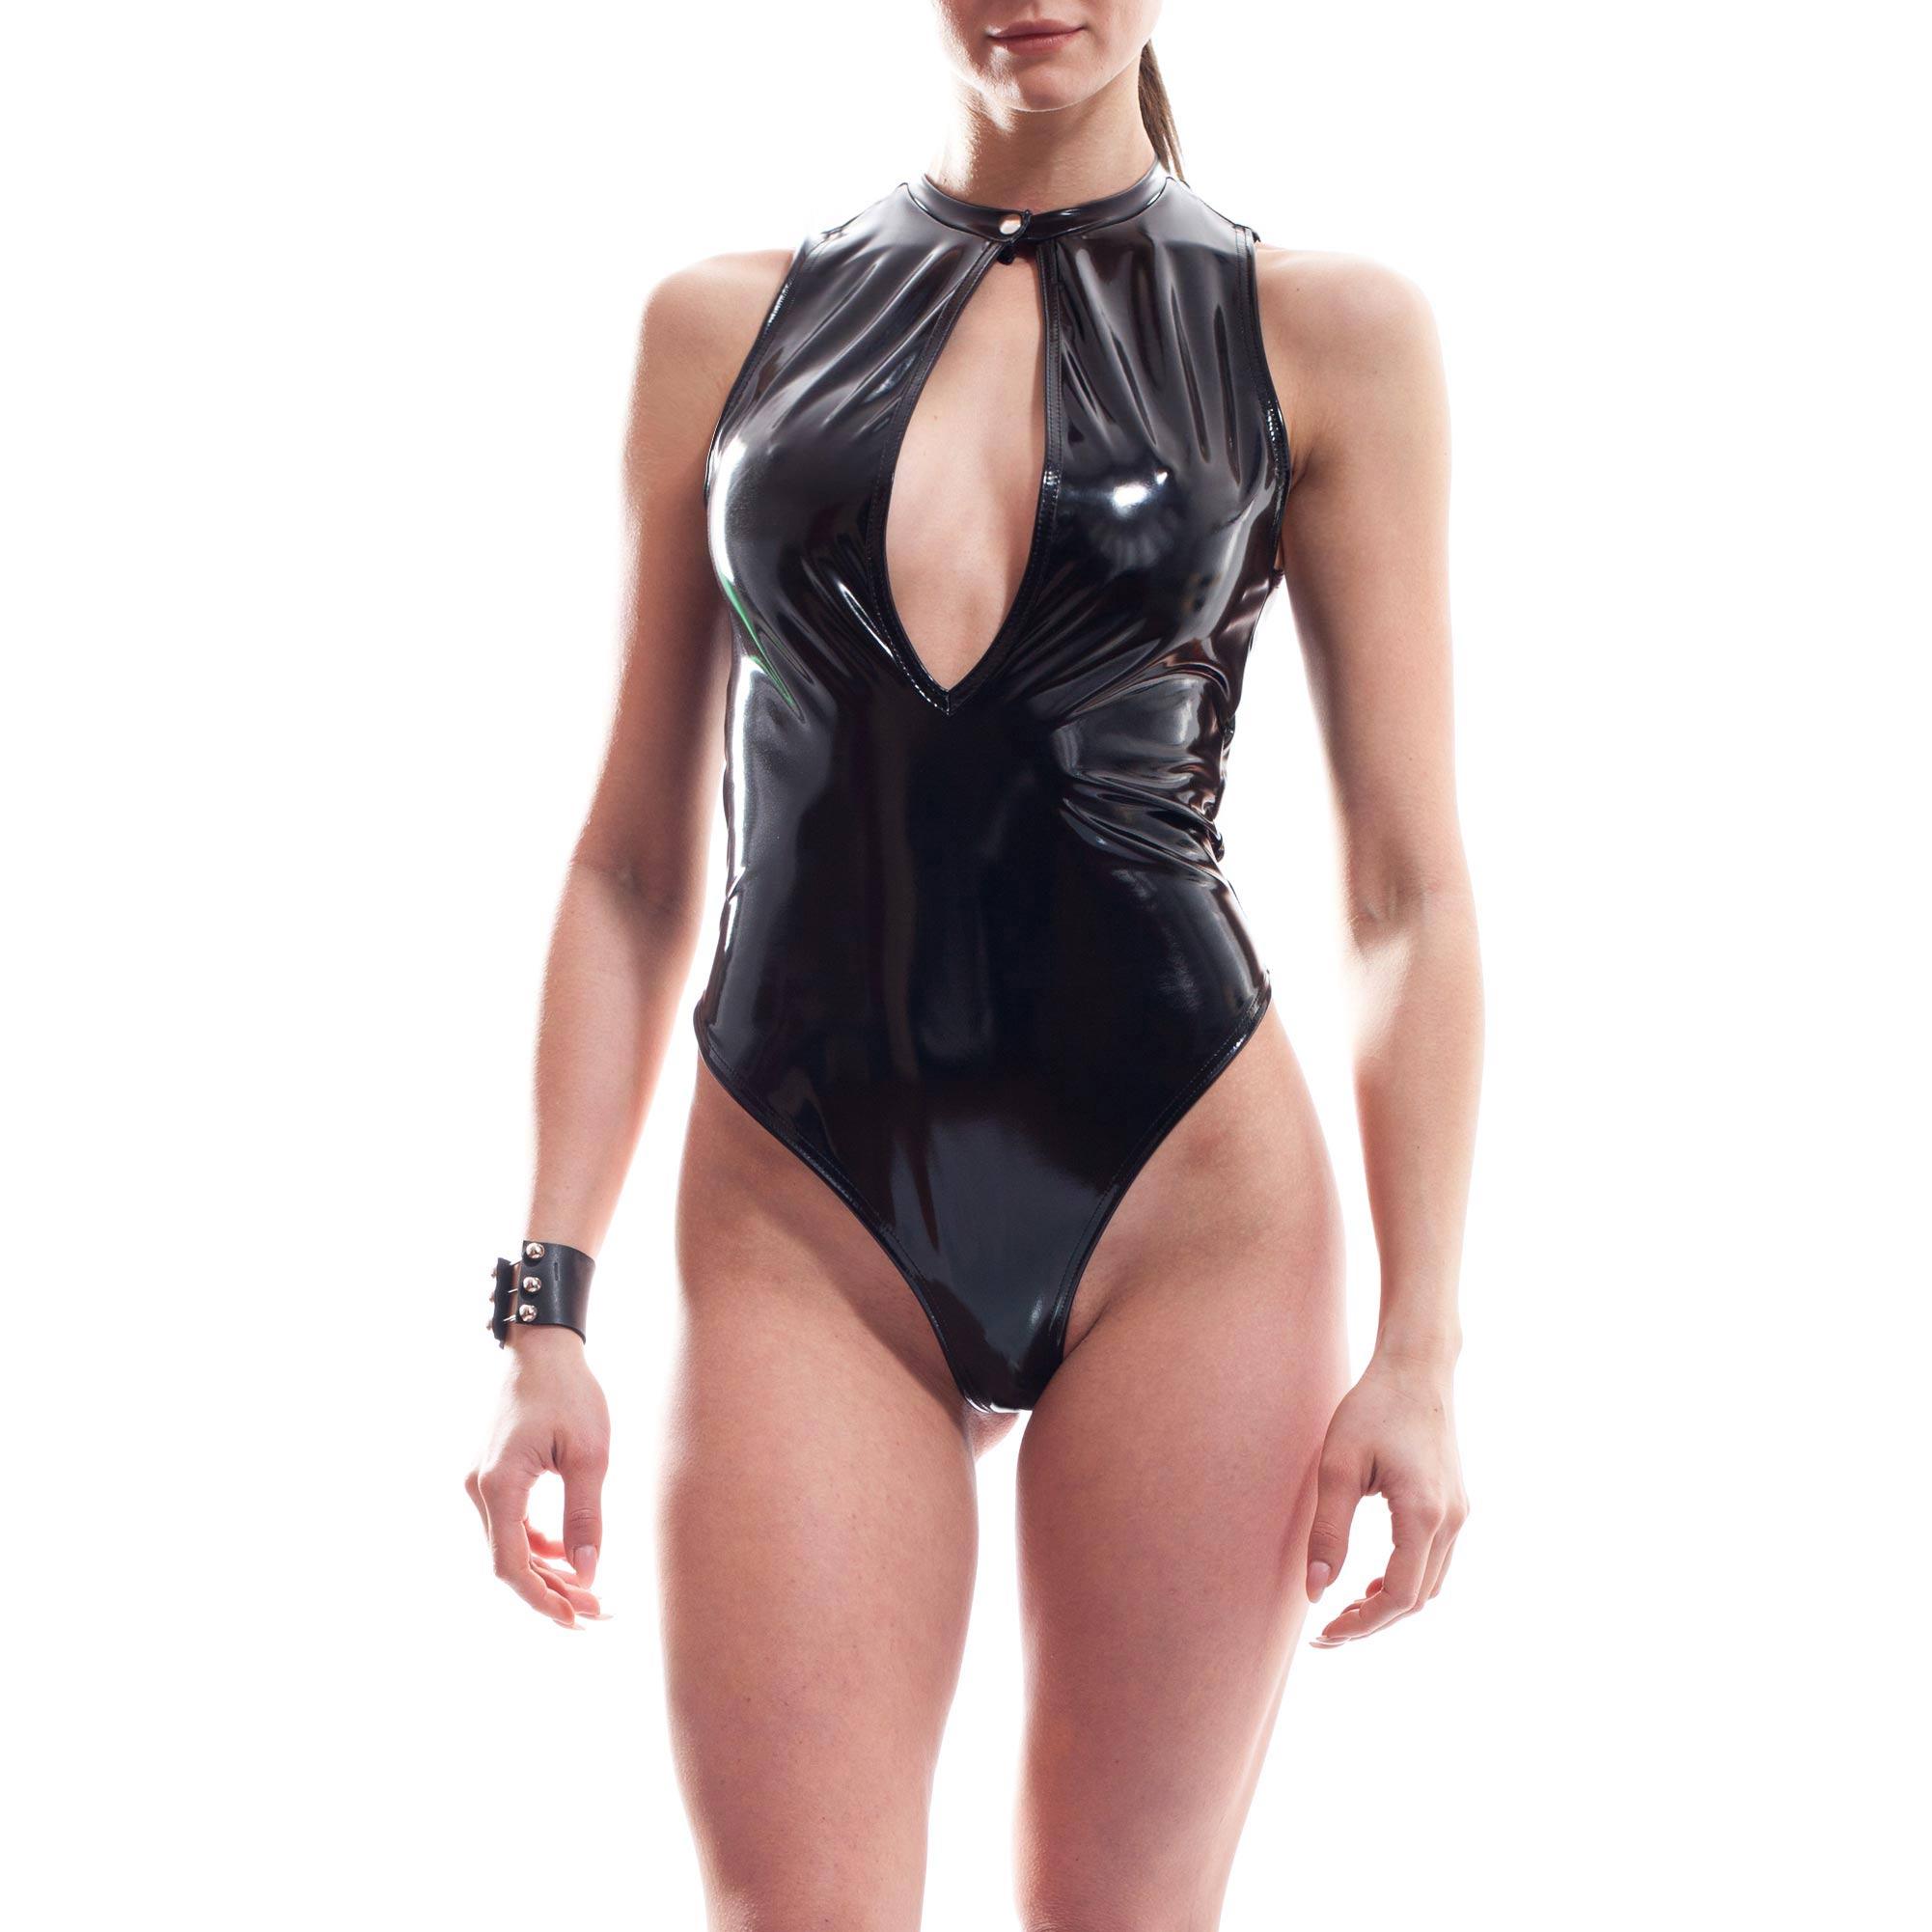 Dieser Damen Lack Body gehört zu den Wojoer LIVE-Produkten. Sie werden ab Bestellung bei uns produziert. So können wir auf Kundenwünsche individuell eingehen. Größen Erhältlich in den Größen 32-42 Materialzusammensetzung WETLEATHER, super dehnbares, leicht strukturiertes Leatherlike mit Lackglanz: 95% Viskose, 5% Elasthan | 100%…